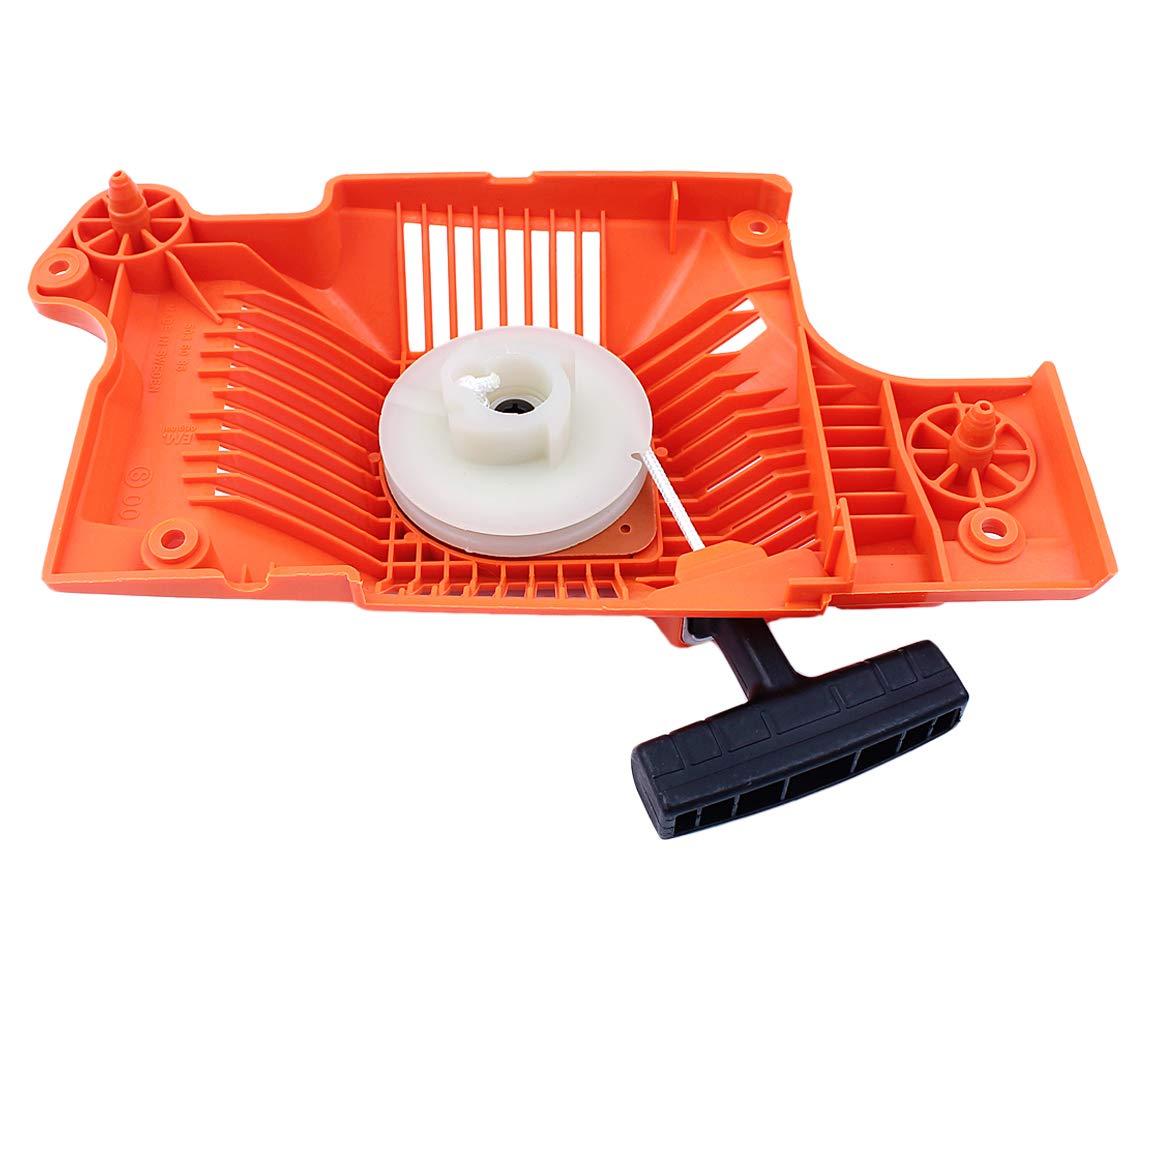 50 Haishine Kit de Servicio de la Cuerda de la manija de Resorte de la polea del ensamblaje de Retroceso del arrancador para Husqvarna 55 Ranchero 51 55 Piezas de Repuesto de Motosierra